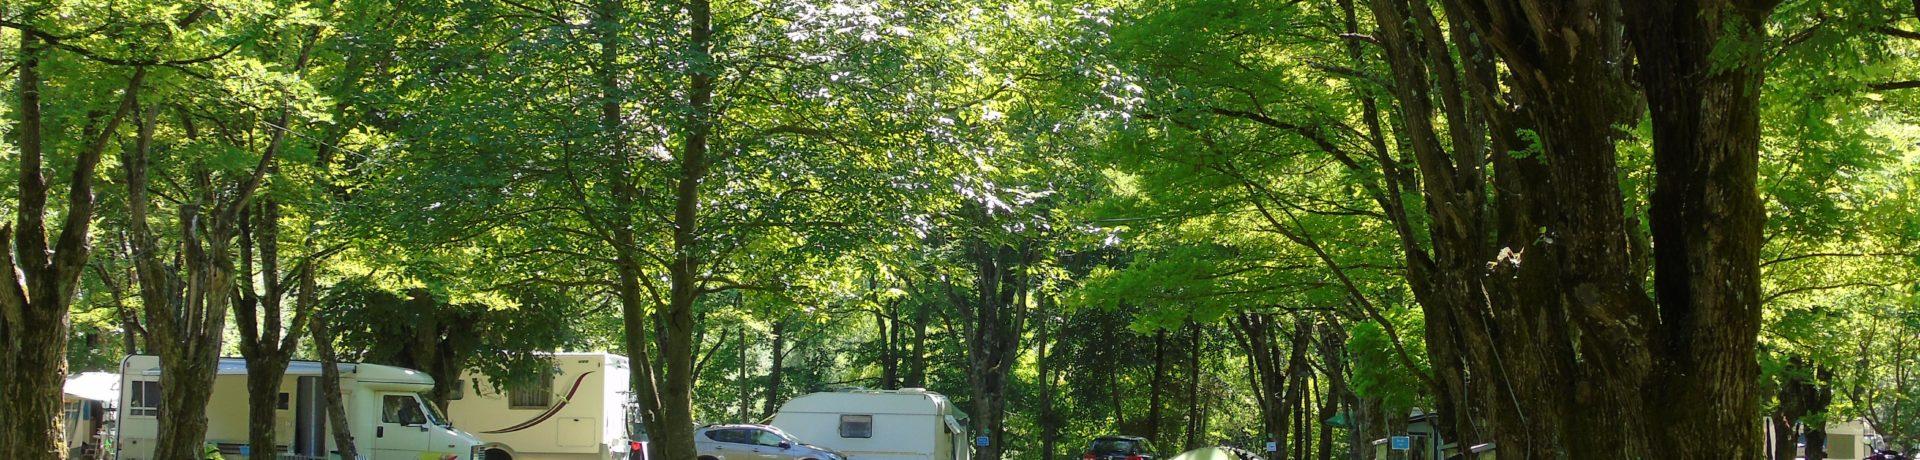 Camping Belle Rive in Saint-Côme-d'Olt is een natuurcamping gelegen in de groene Lot-vallei in de Aveyron aan de voet van de Aubrac in de Midi-Pyrénées.